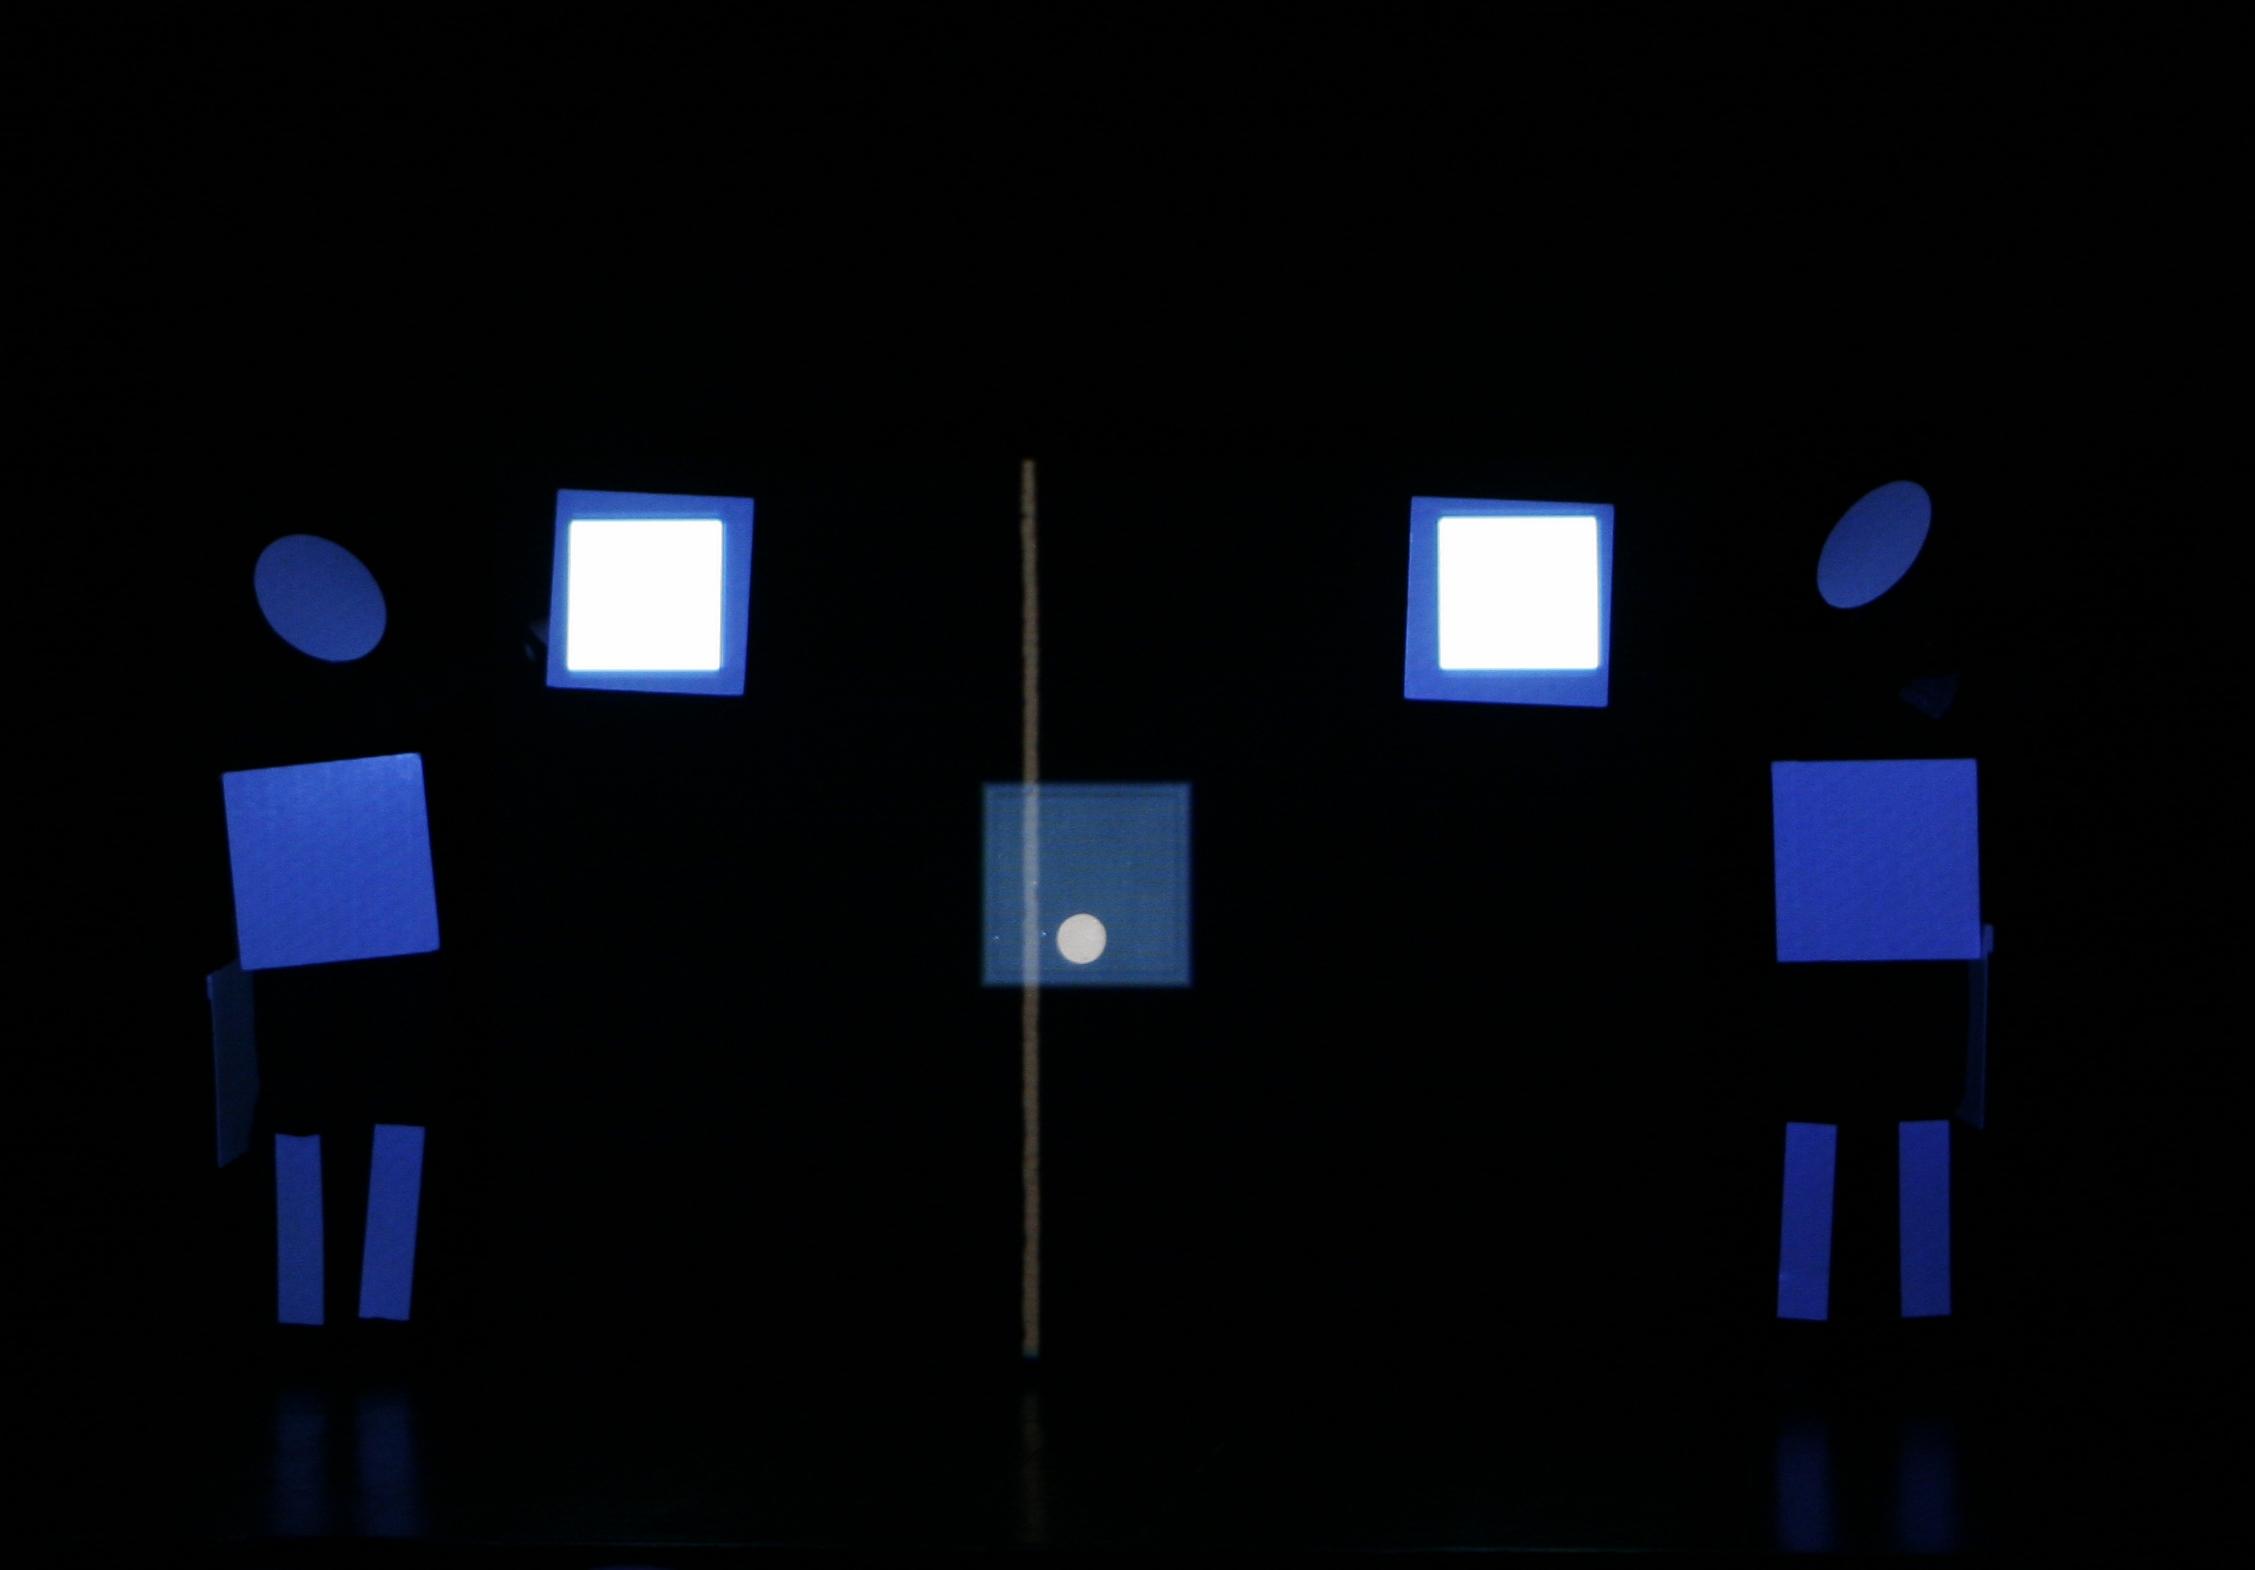 21 a - Accademia dell'Aquila, Quadri di un'esposizione, 2007.JPG